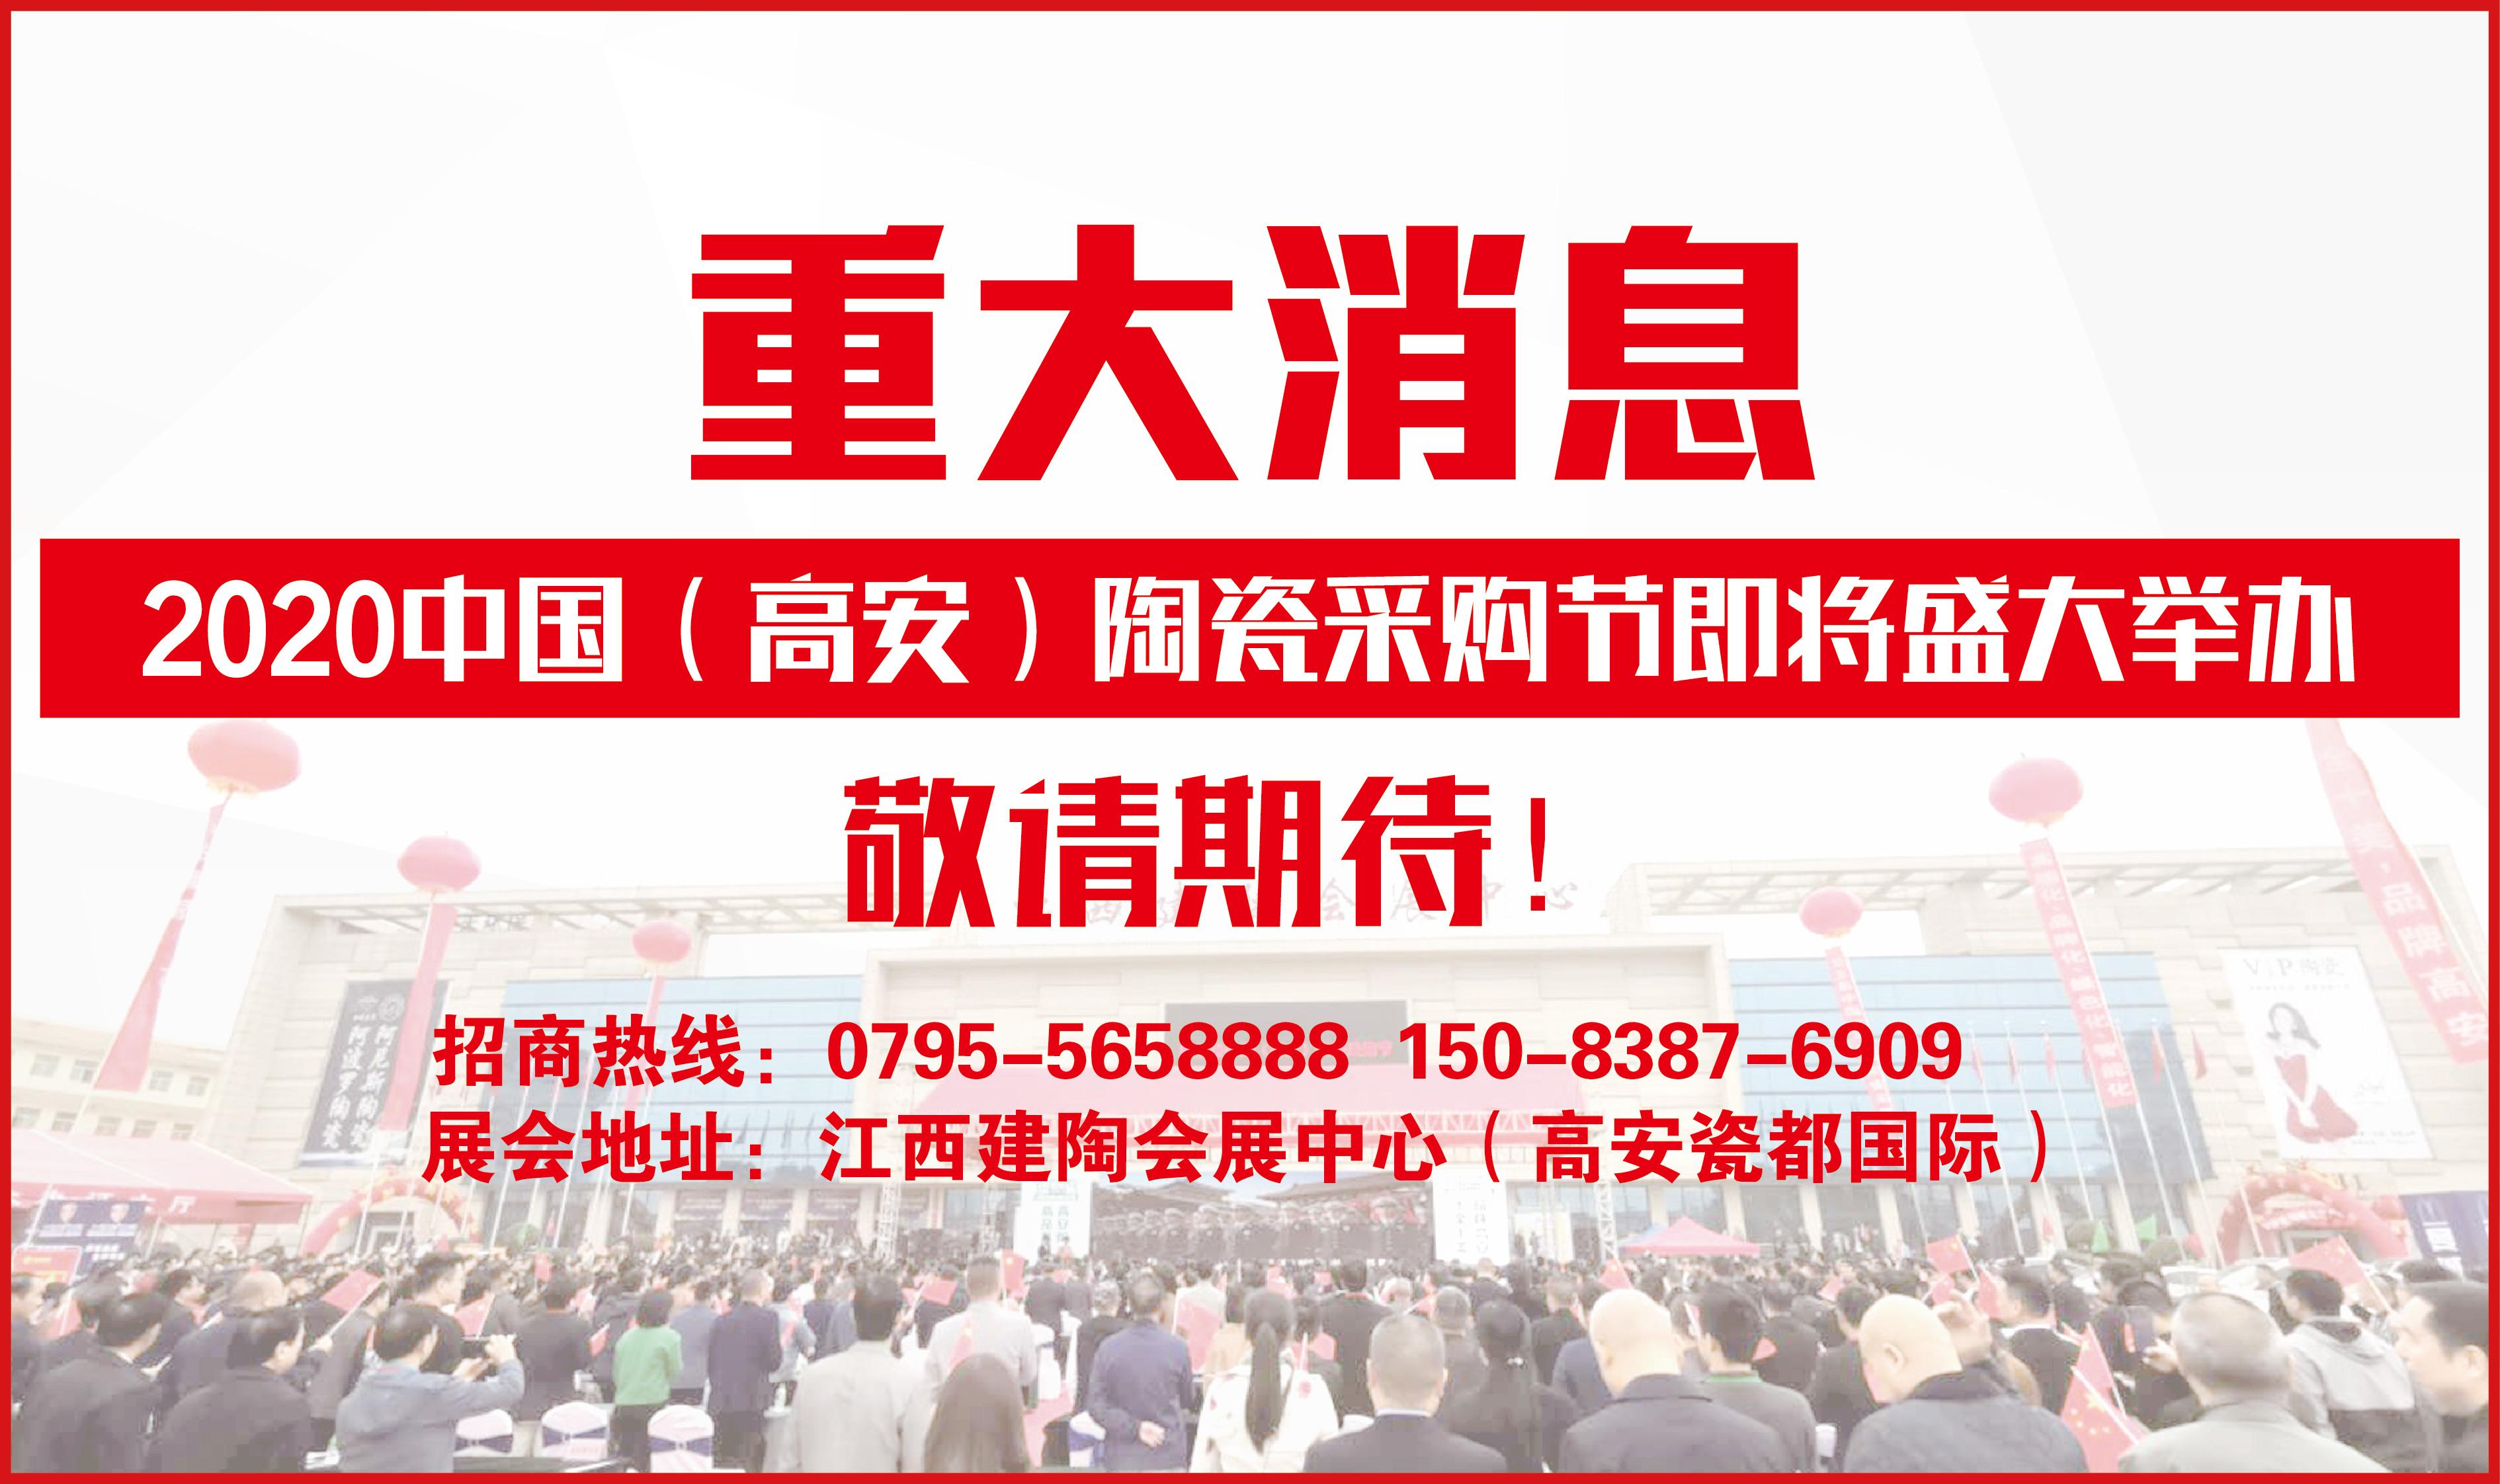 2020年中国(高安)陶瓷采购节,敬请期待!